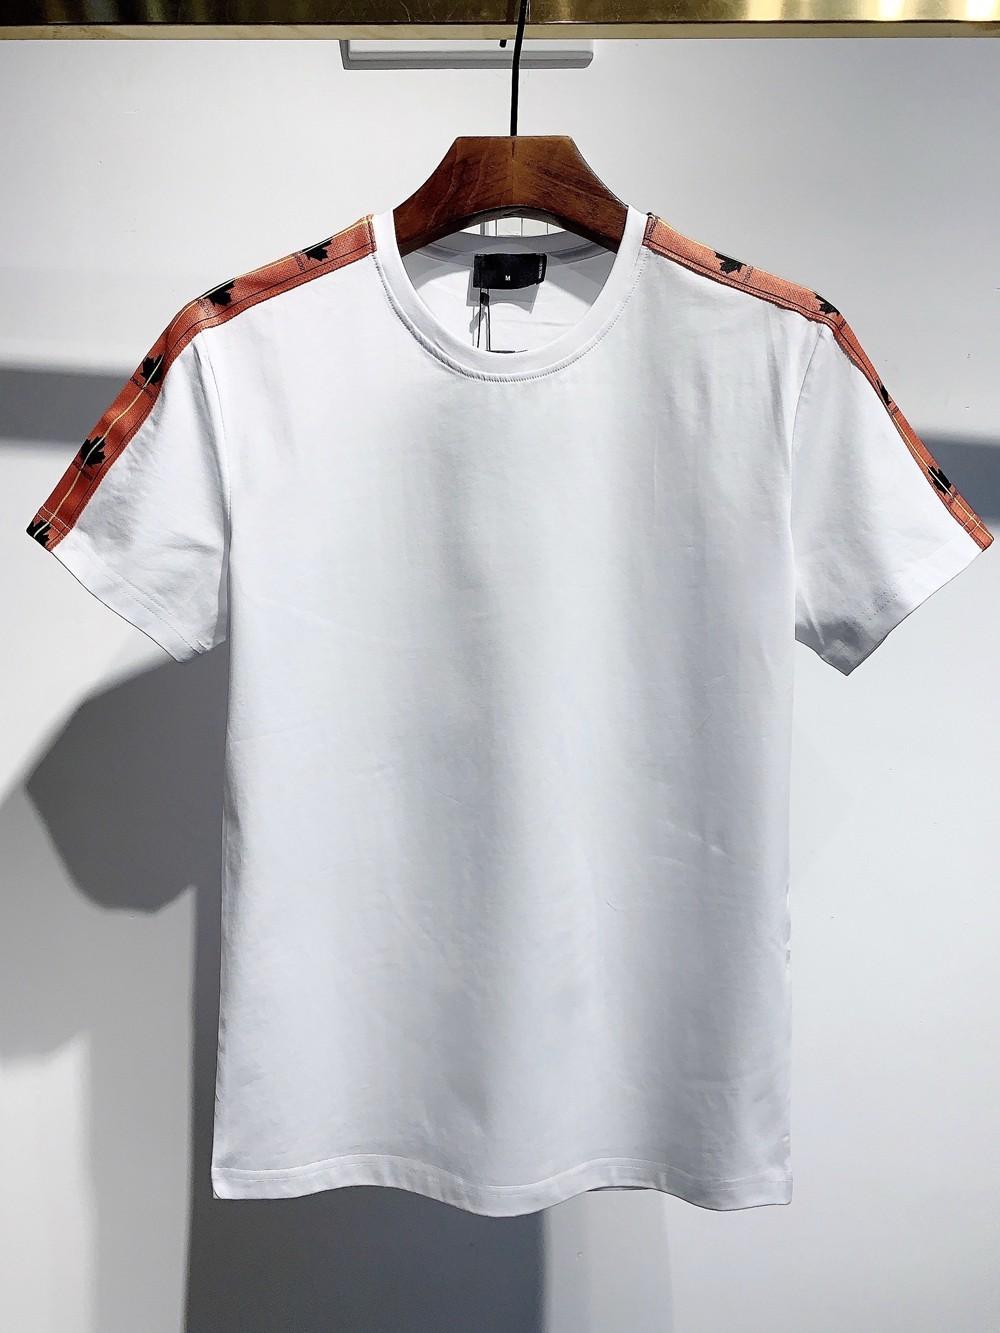 Frühling und Sommer 2021SS Neueste Stil T-Shirt, Herren Freizeit T-Shirt, Marke Hohe Qualität Freizeit T-Shirt DTS583